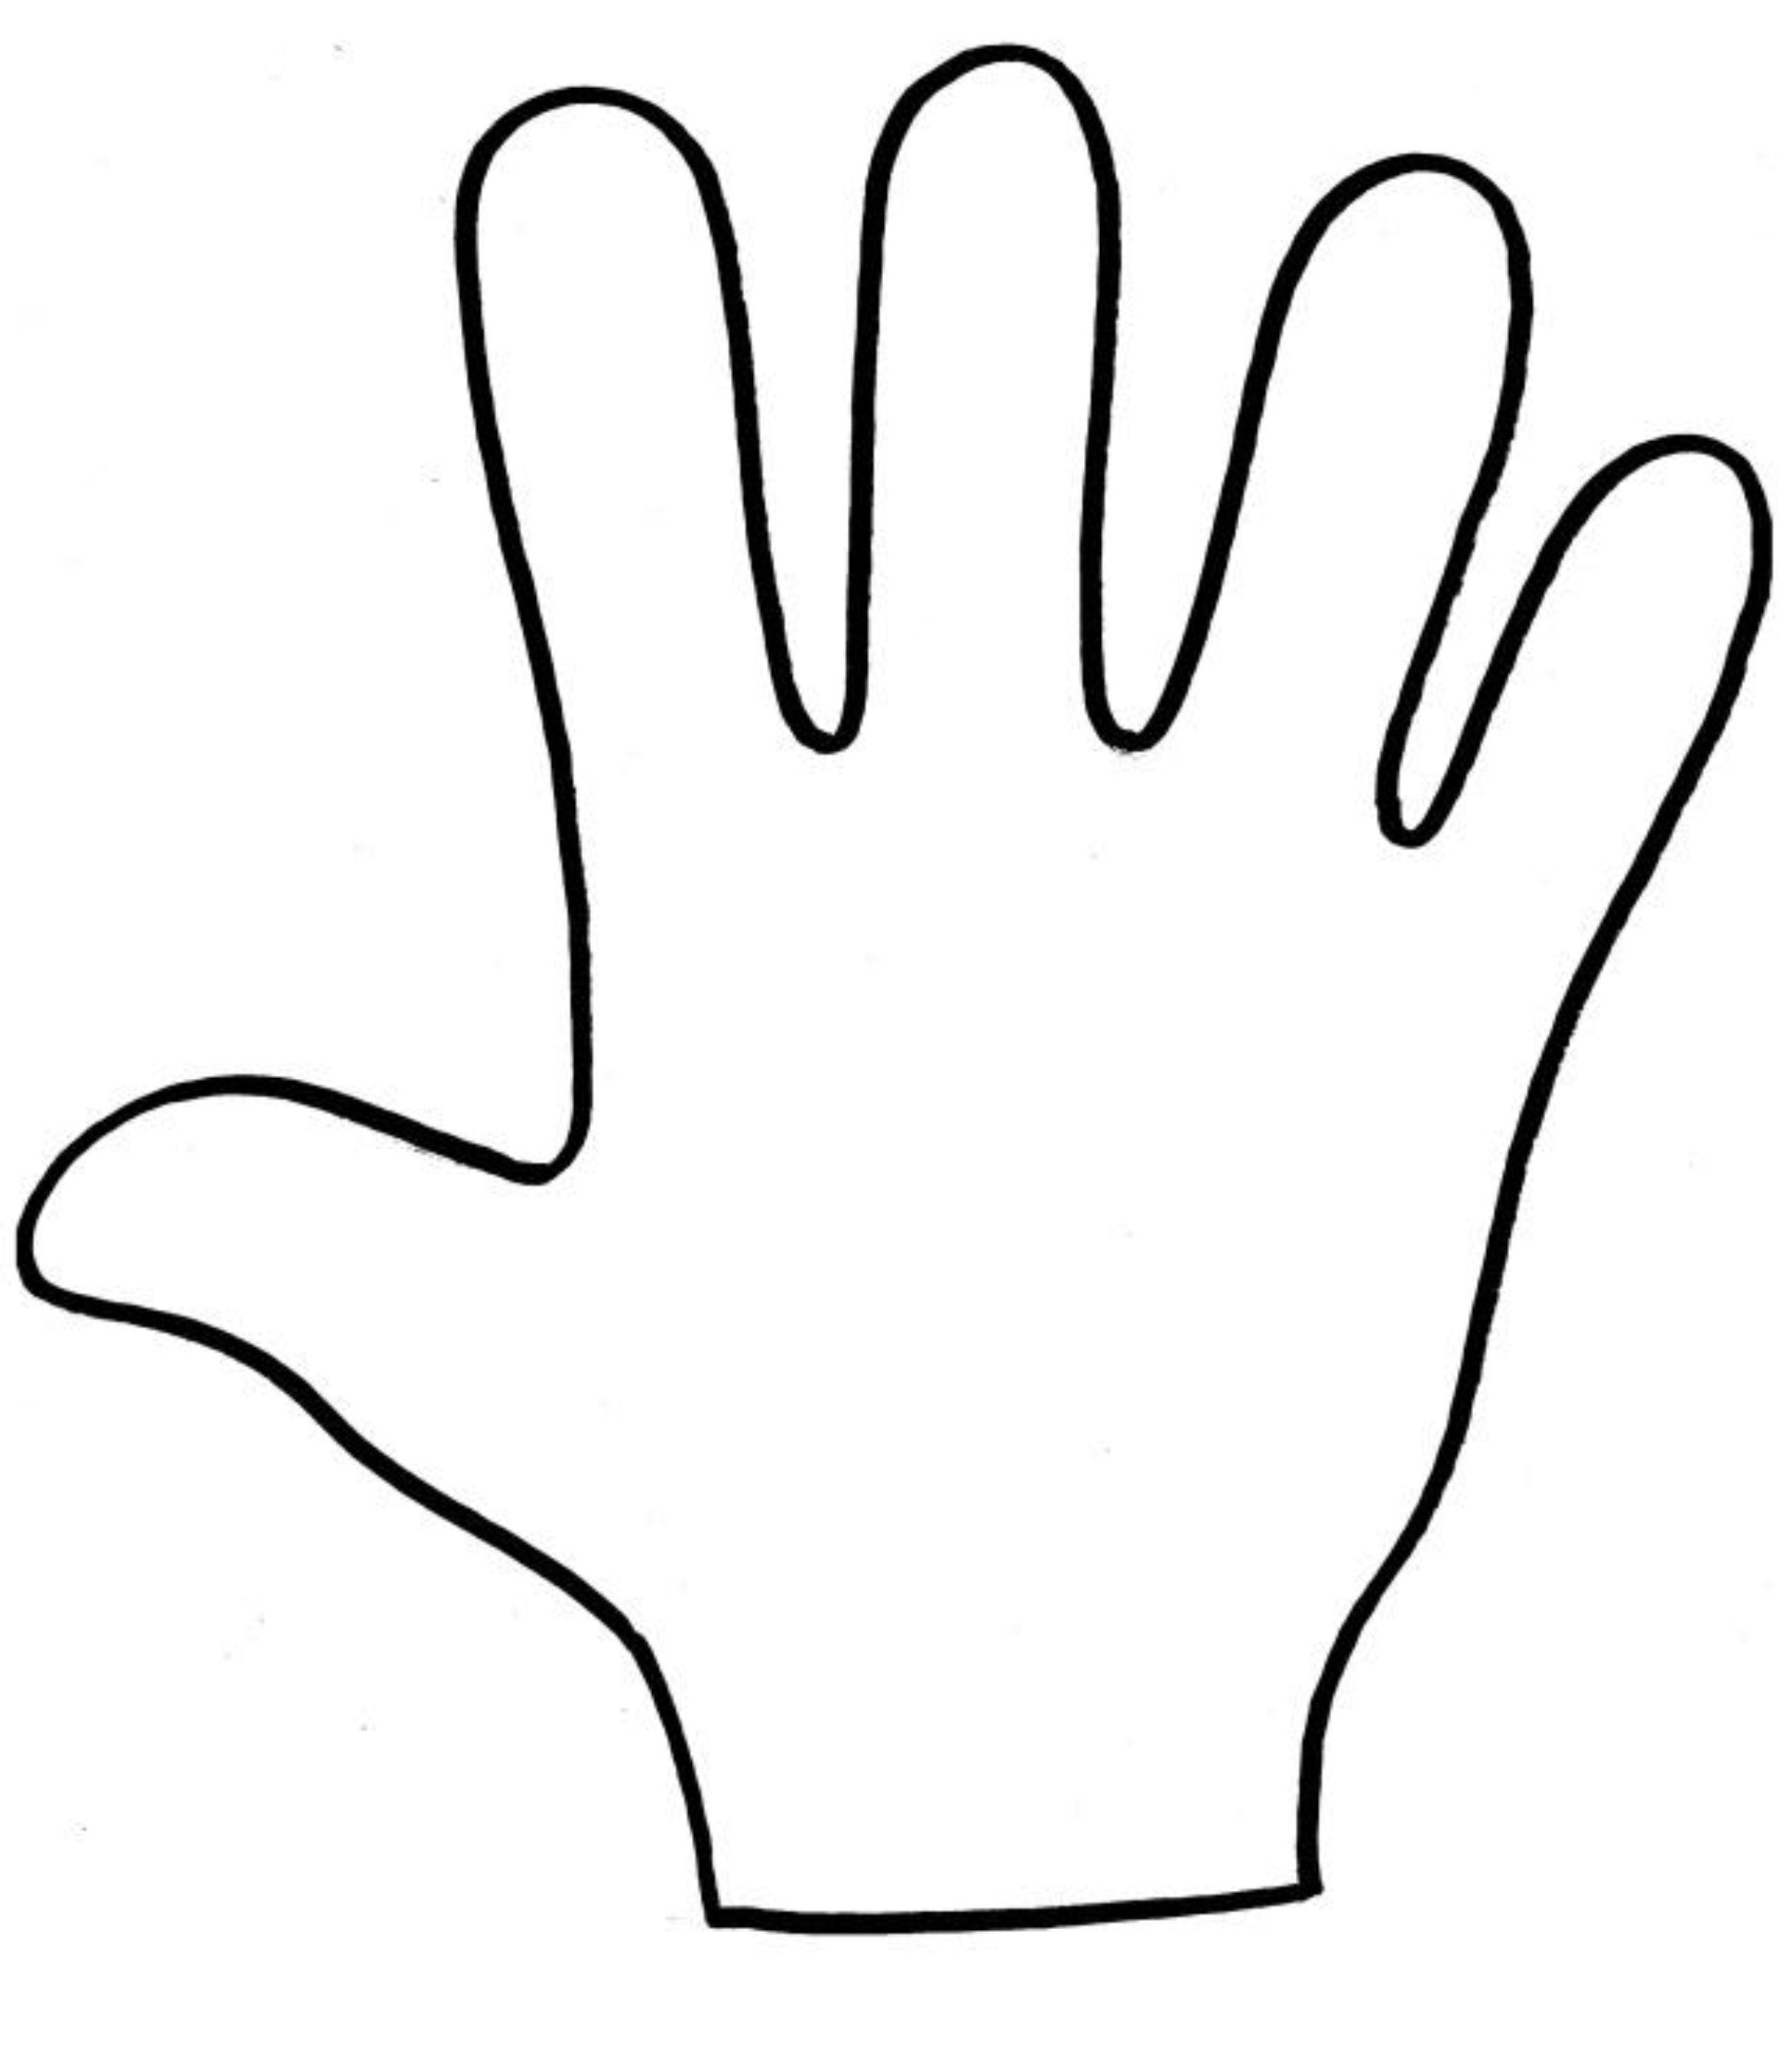 dibujo mano - Buscar con Google | Actividades varios | Pinterest ...